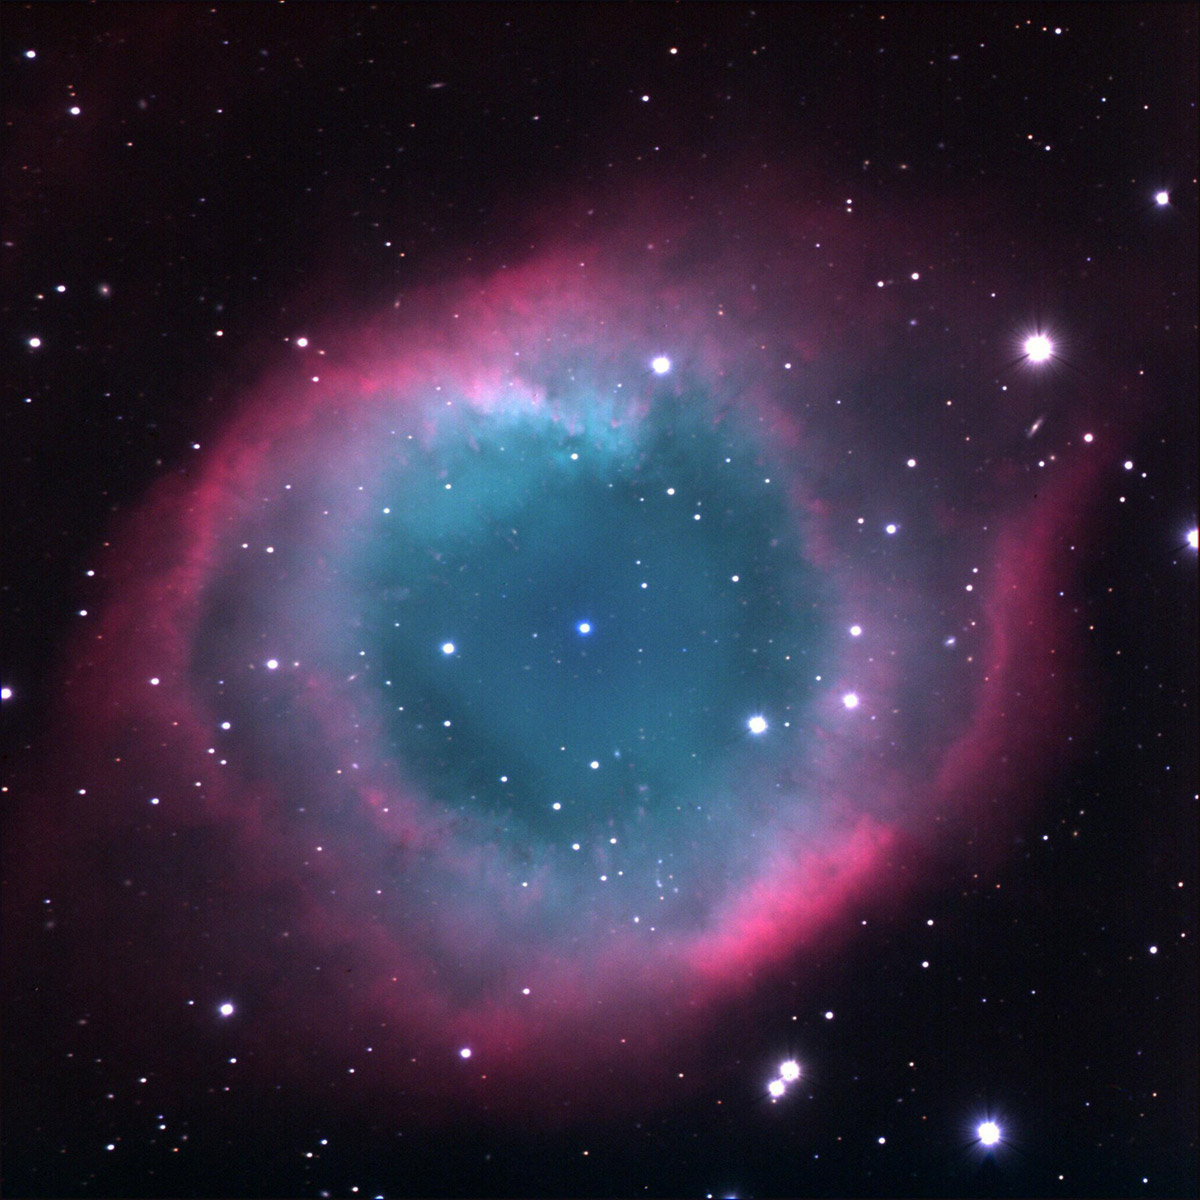 nebula space hubble - photo #36